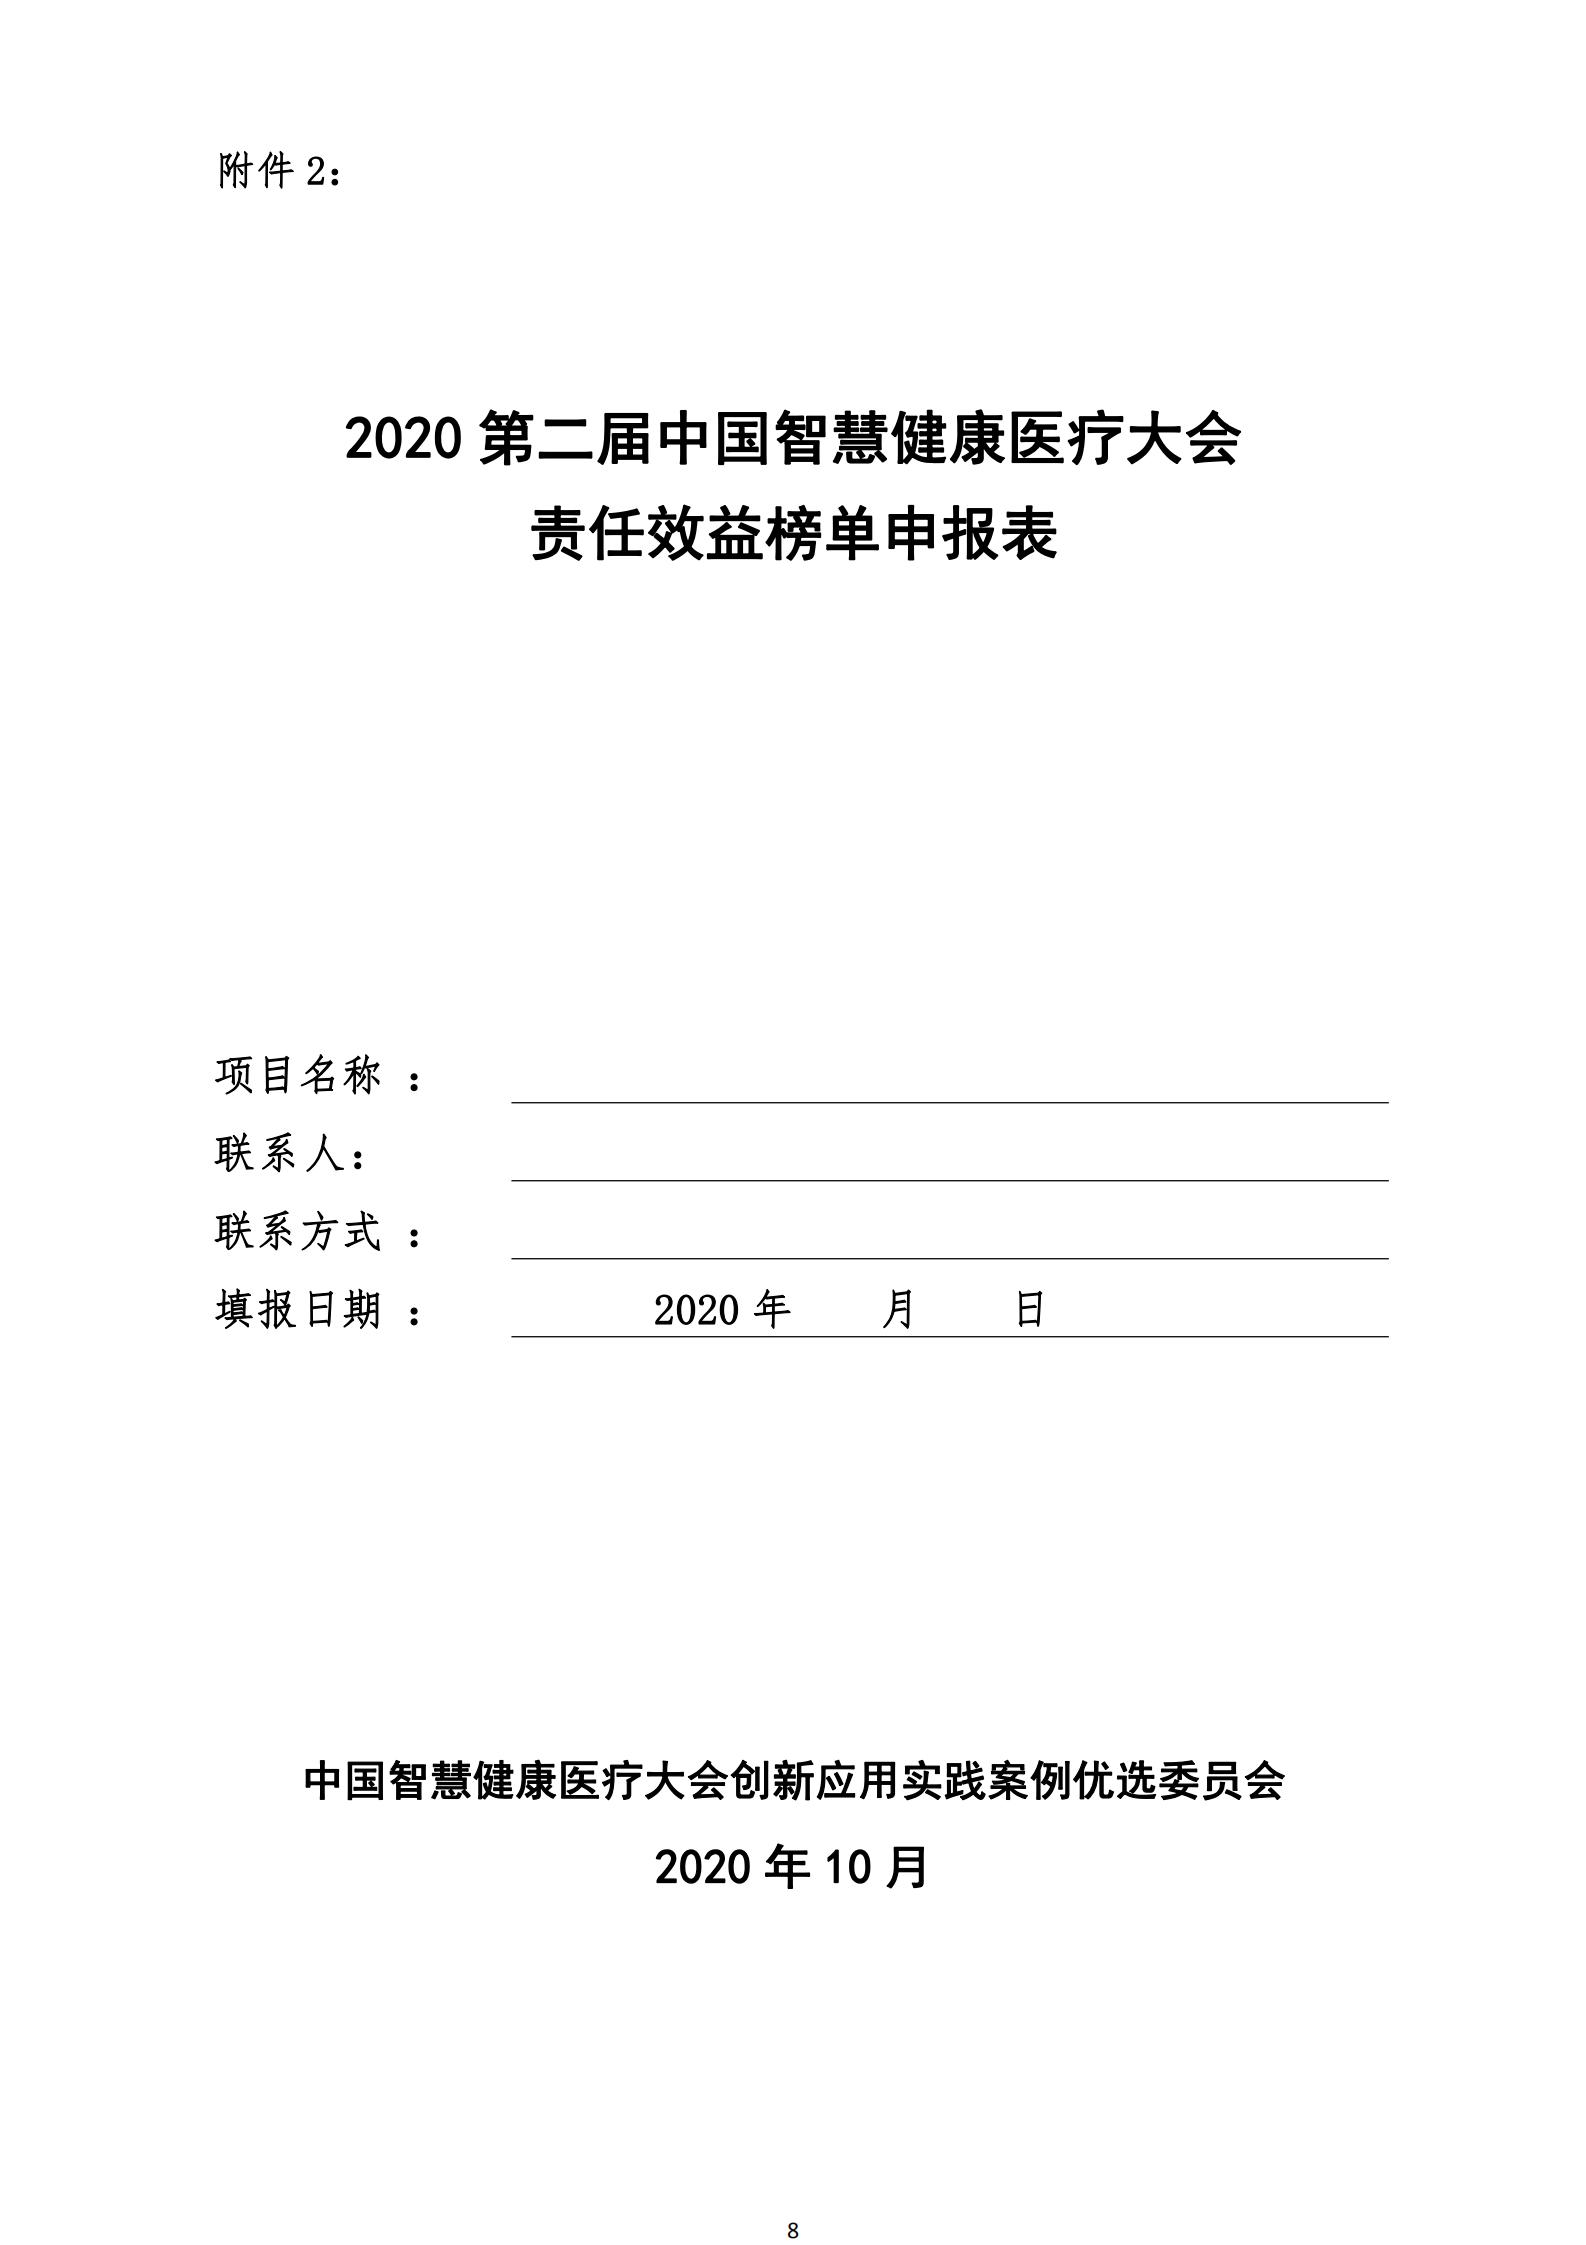 2020第二届大会榜单(系列)活动的通知_07.png